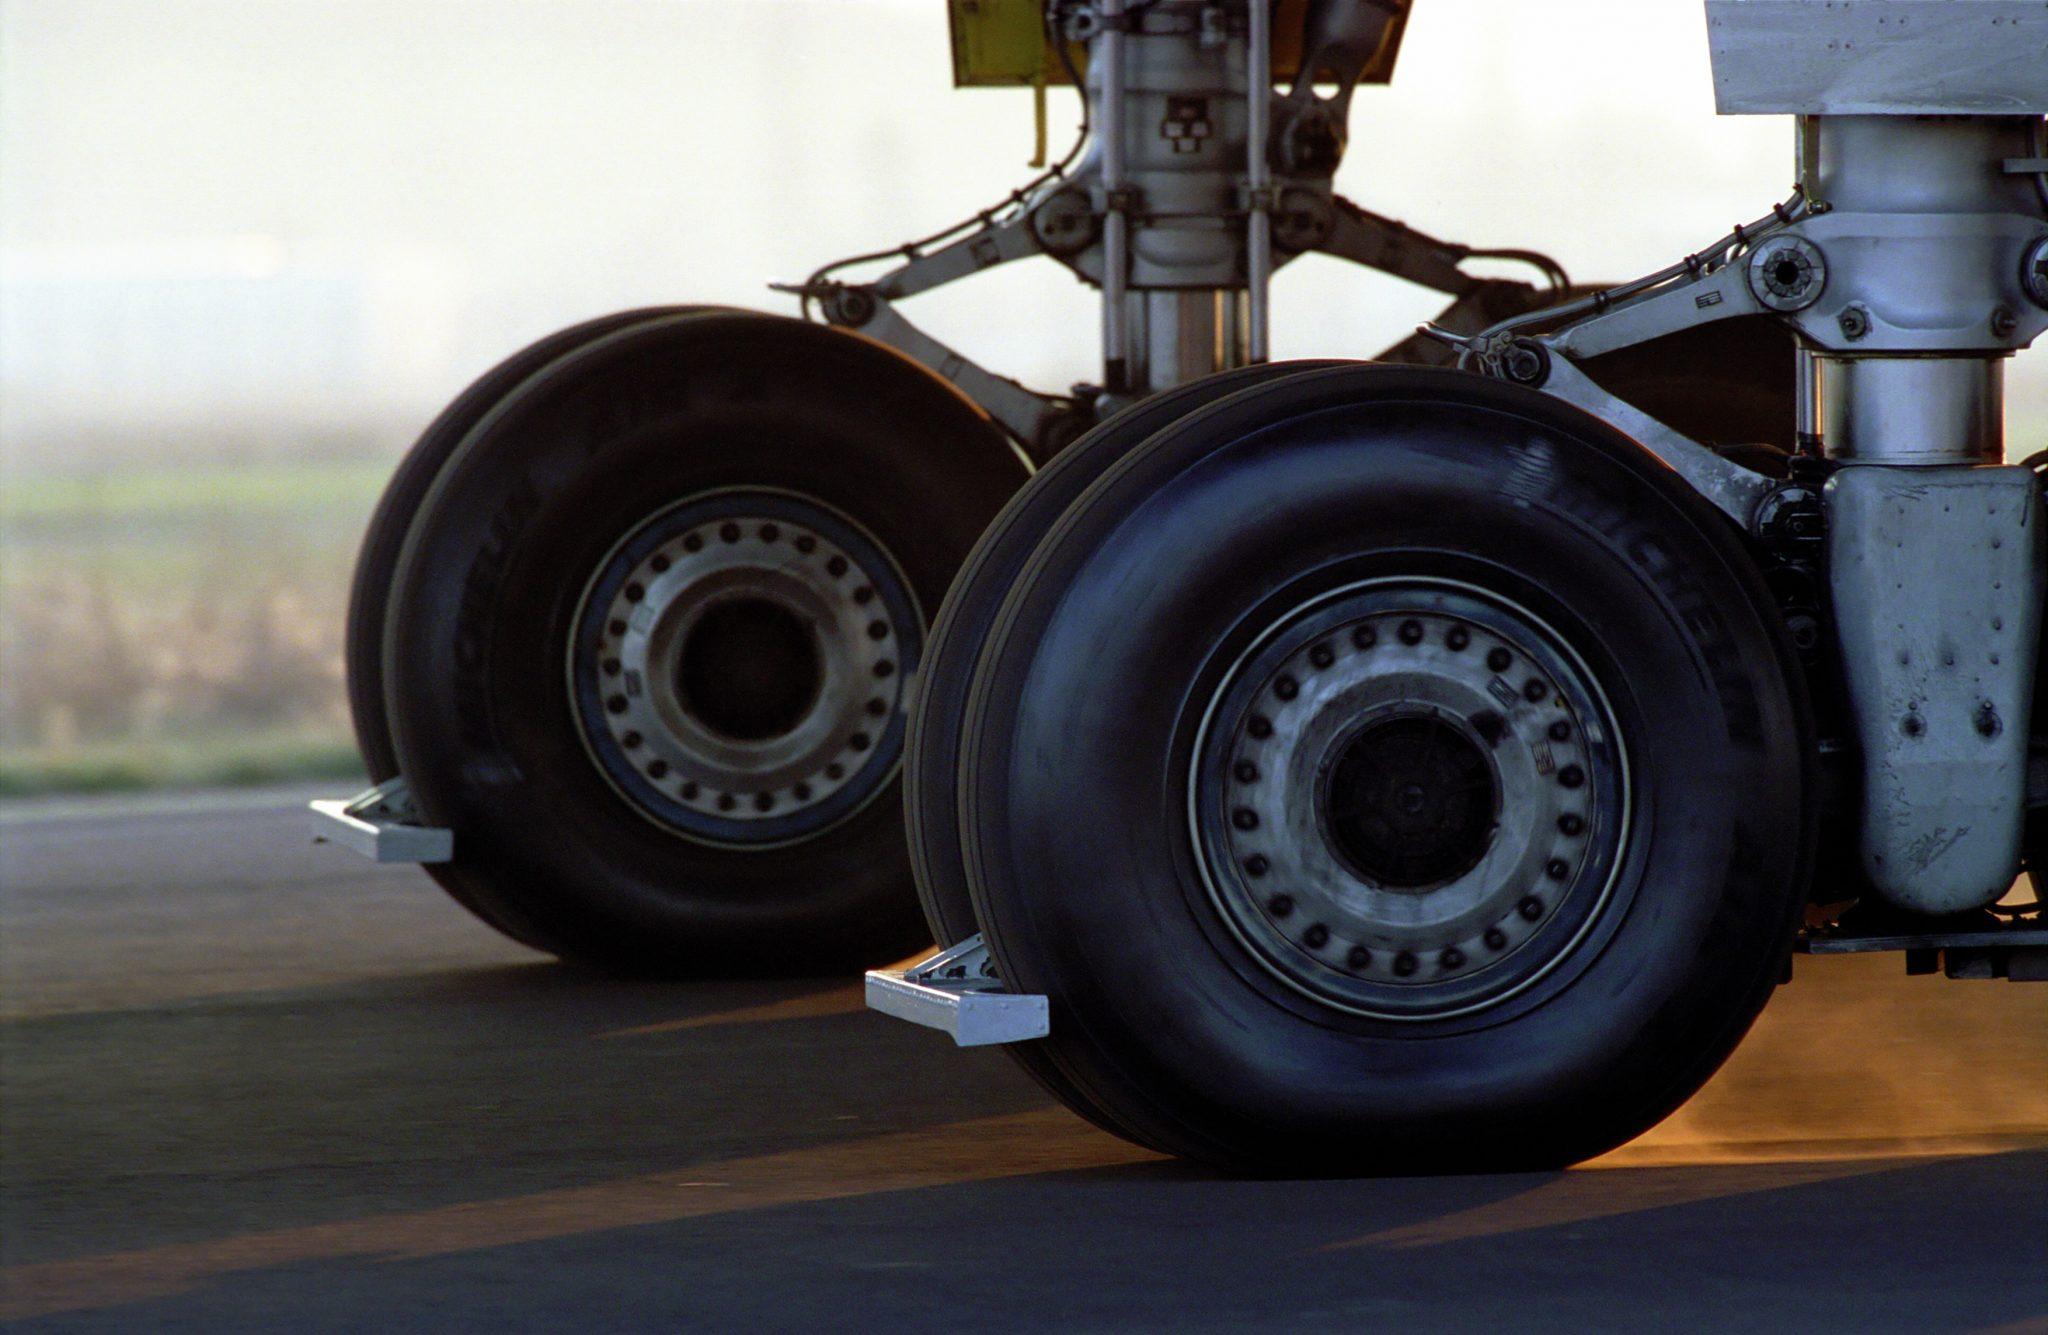 エアX NZGテクノロジー航空機用ラジアルタイヤ